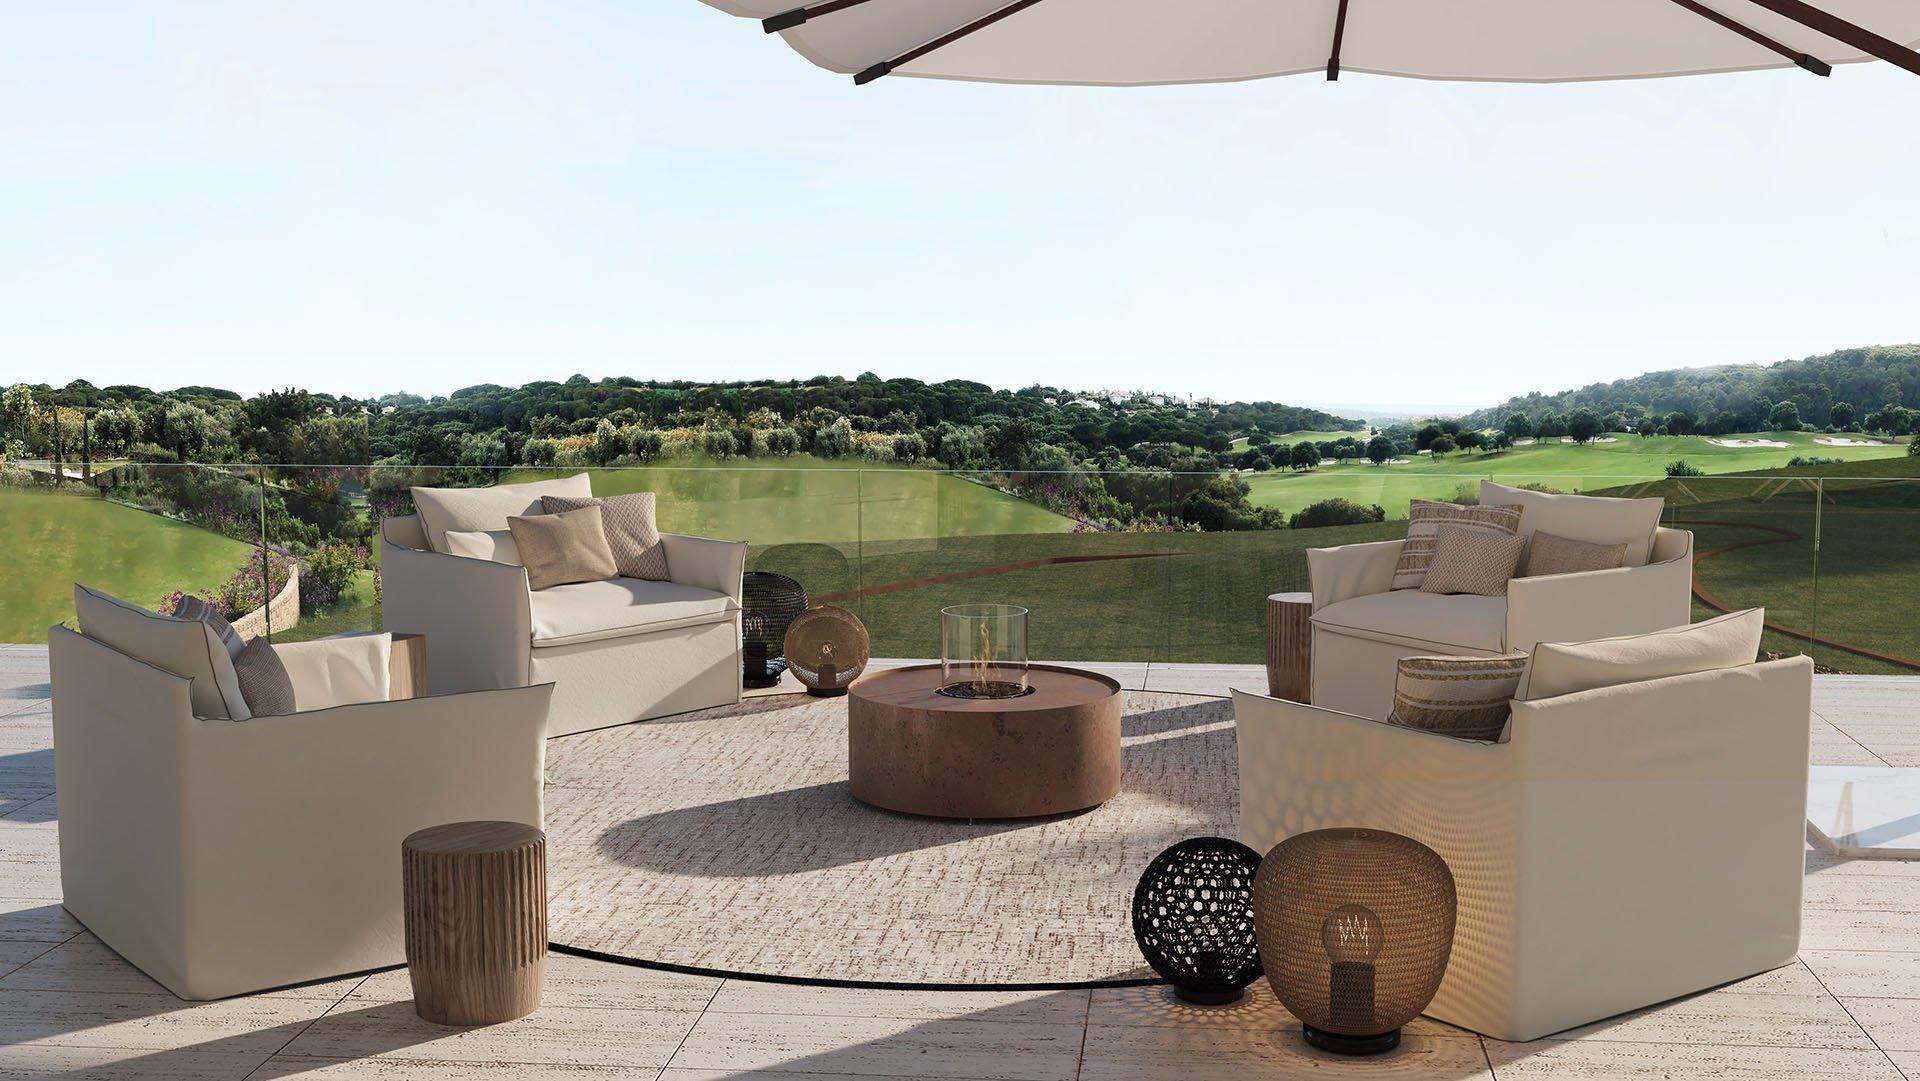 Villa Dorado: A stunning villa on the golf course in Sotogrande